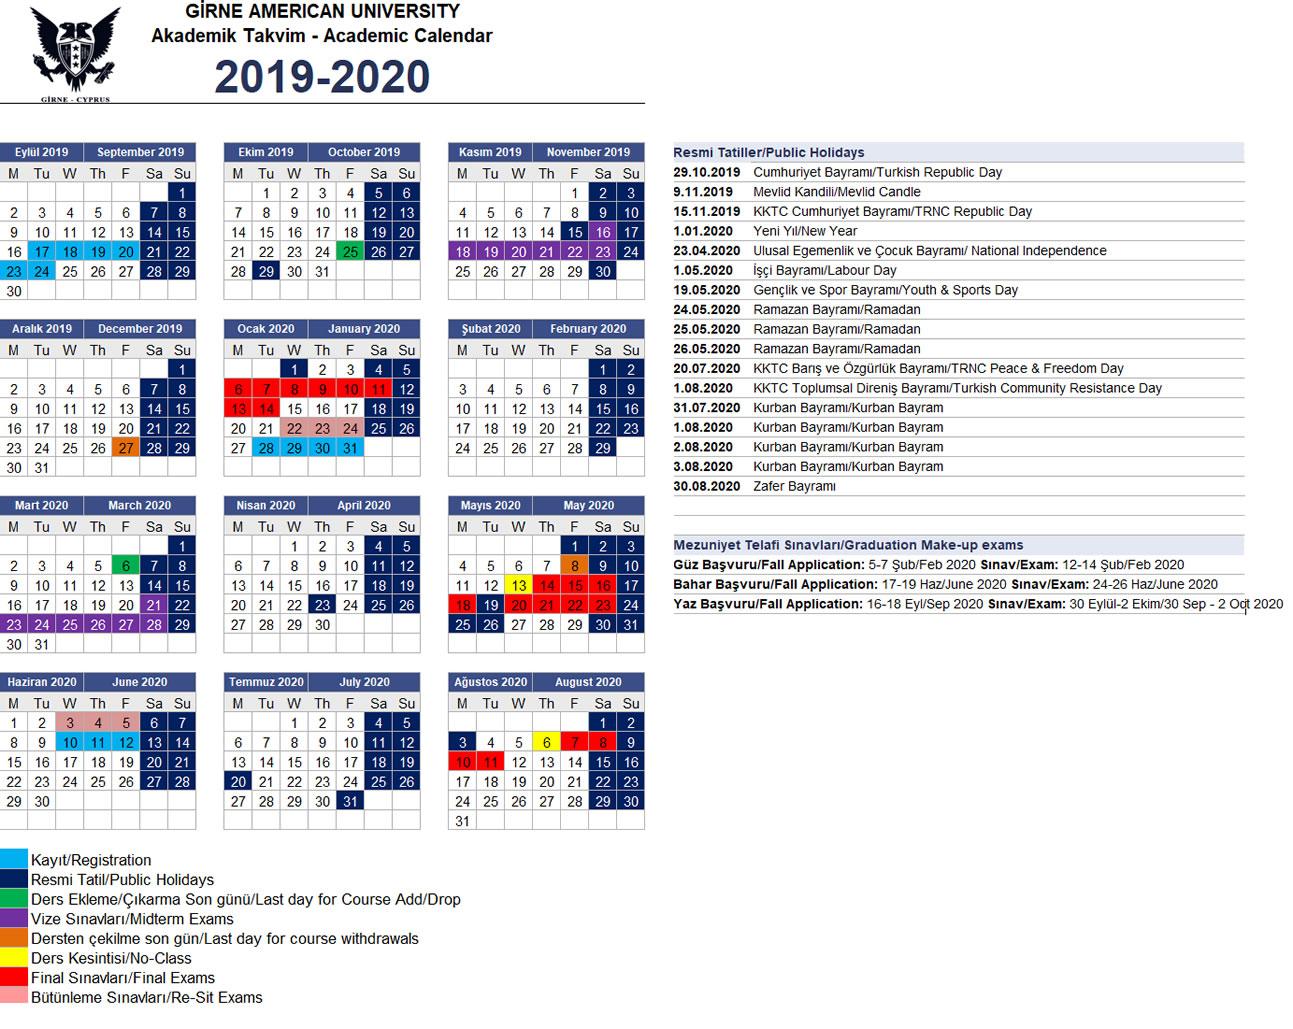 Календарь 2020 Казахстан Скачать - Bagno.site